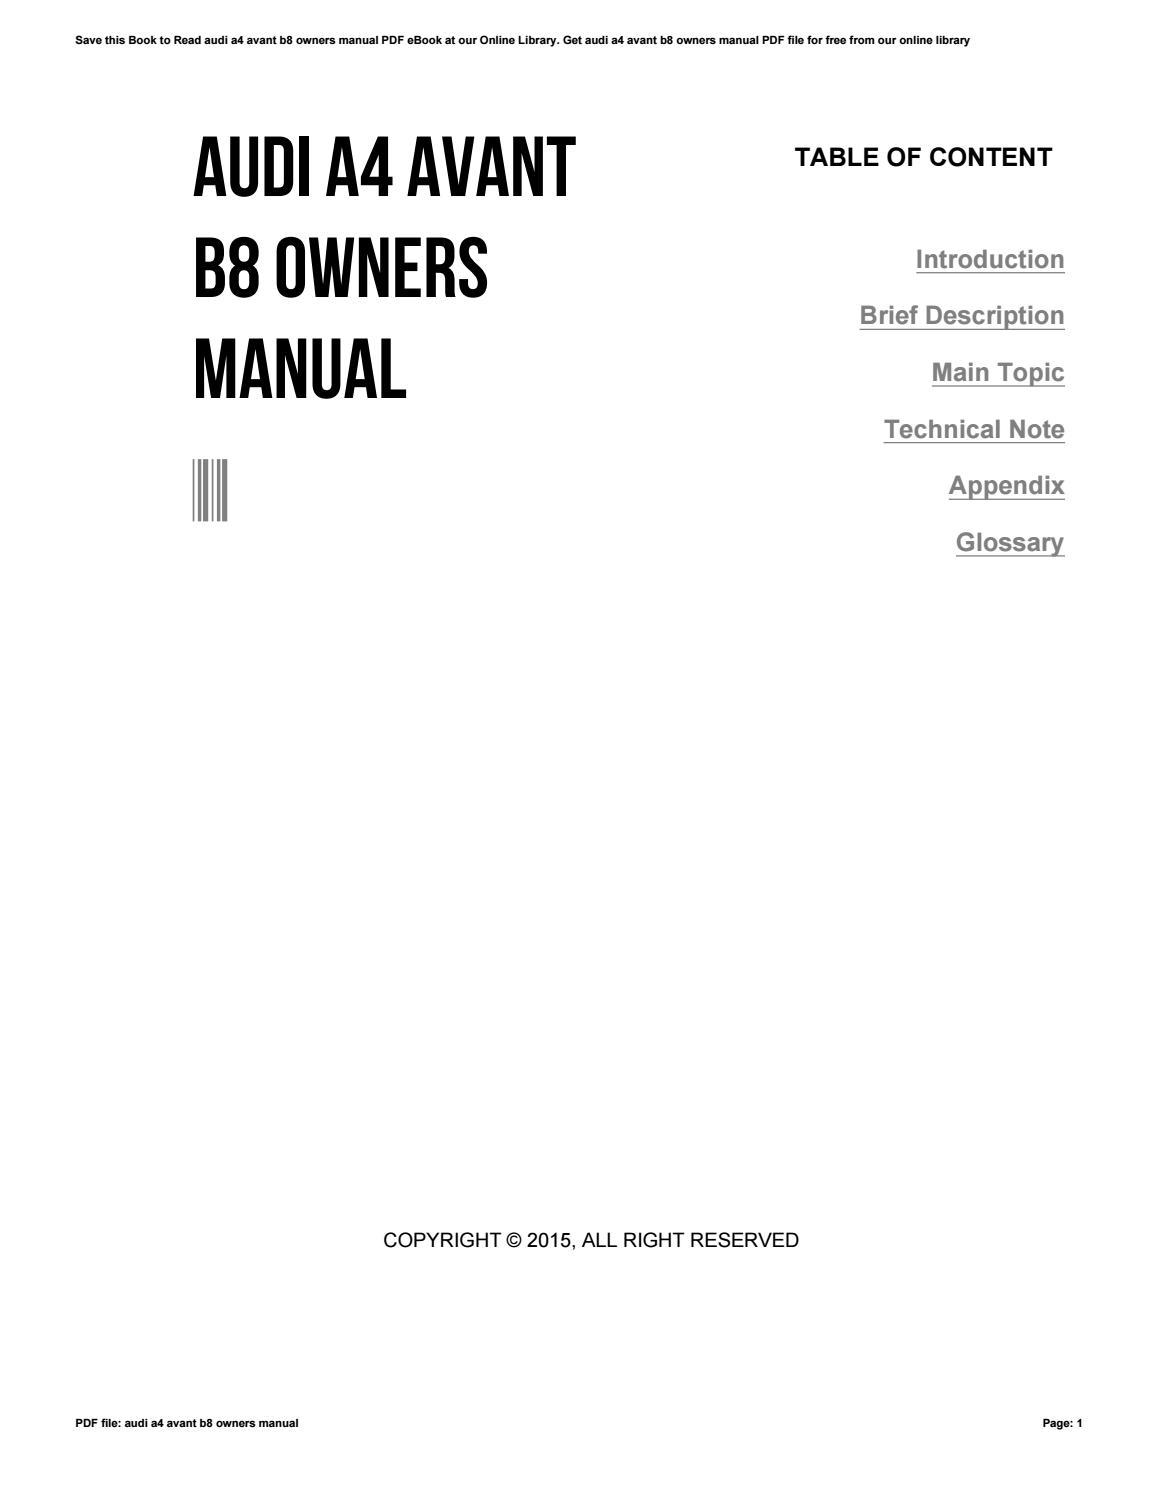 Bedienungsanleitung Audi A4 B8 Avant